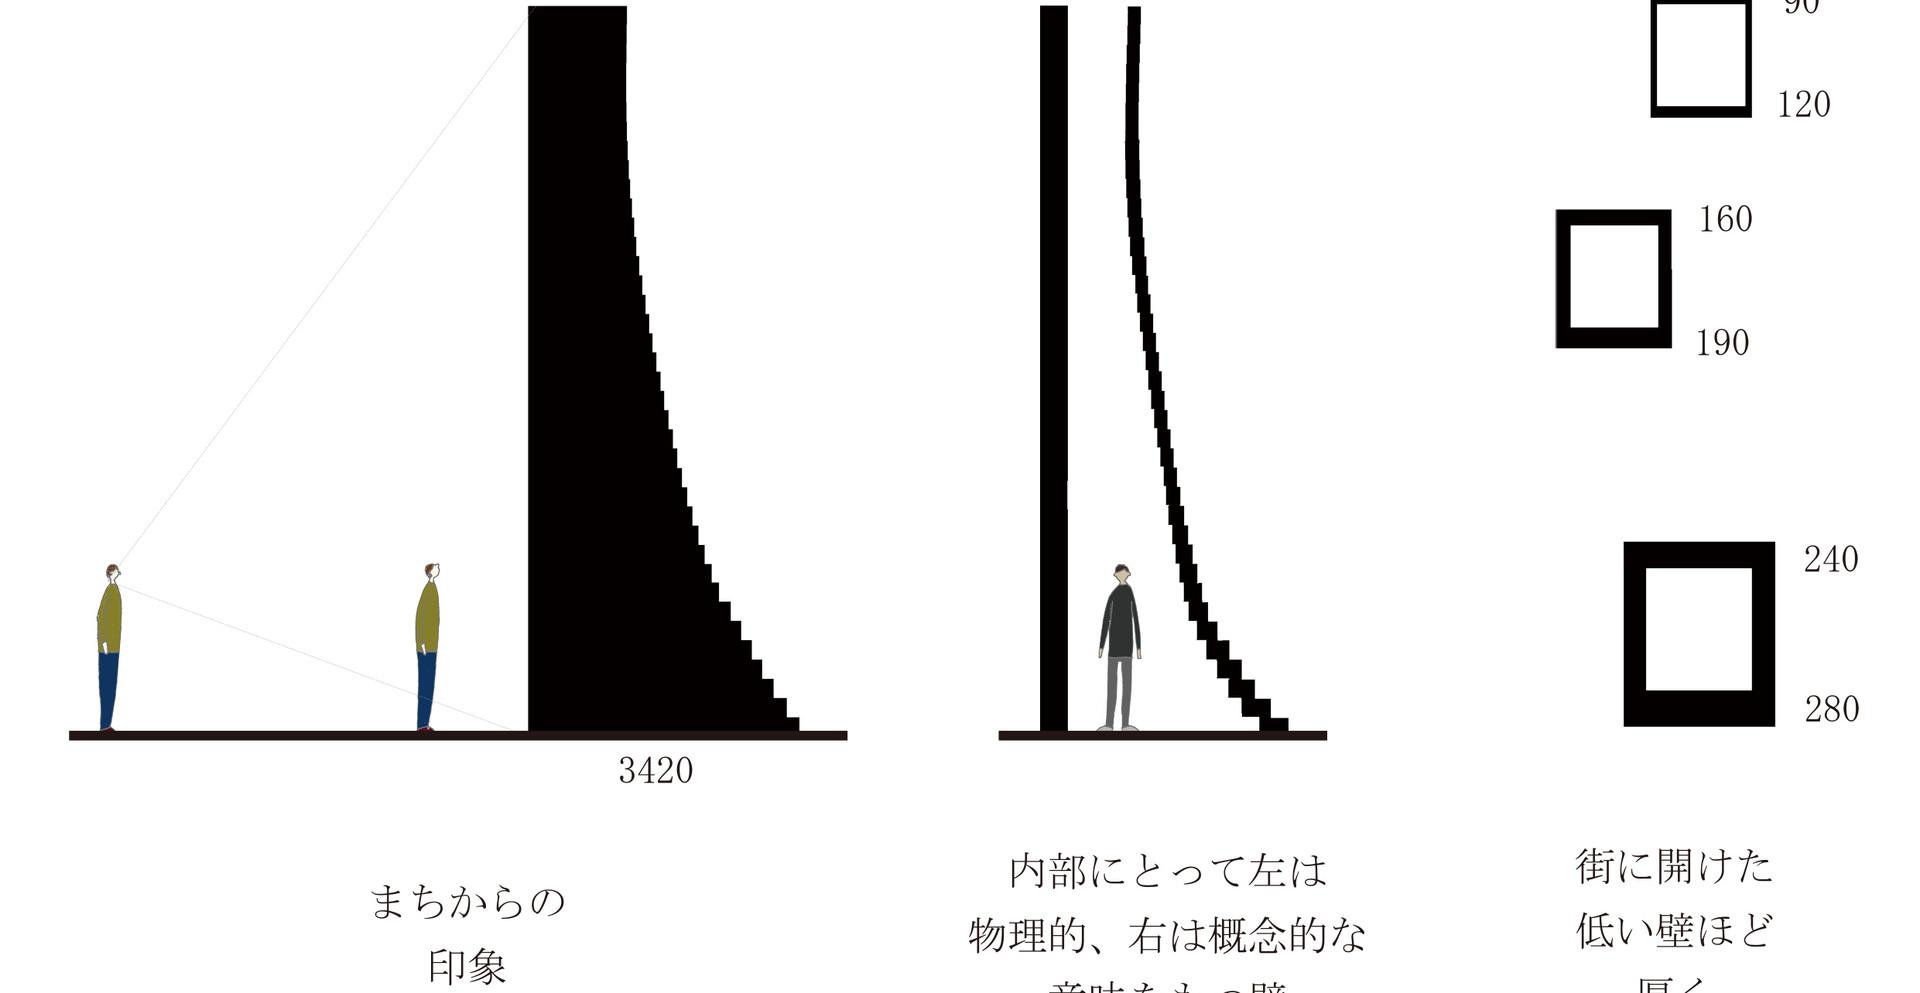 はる8.jpg